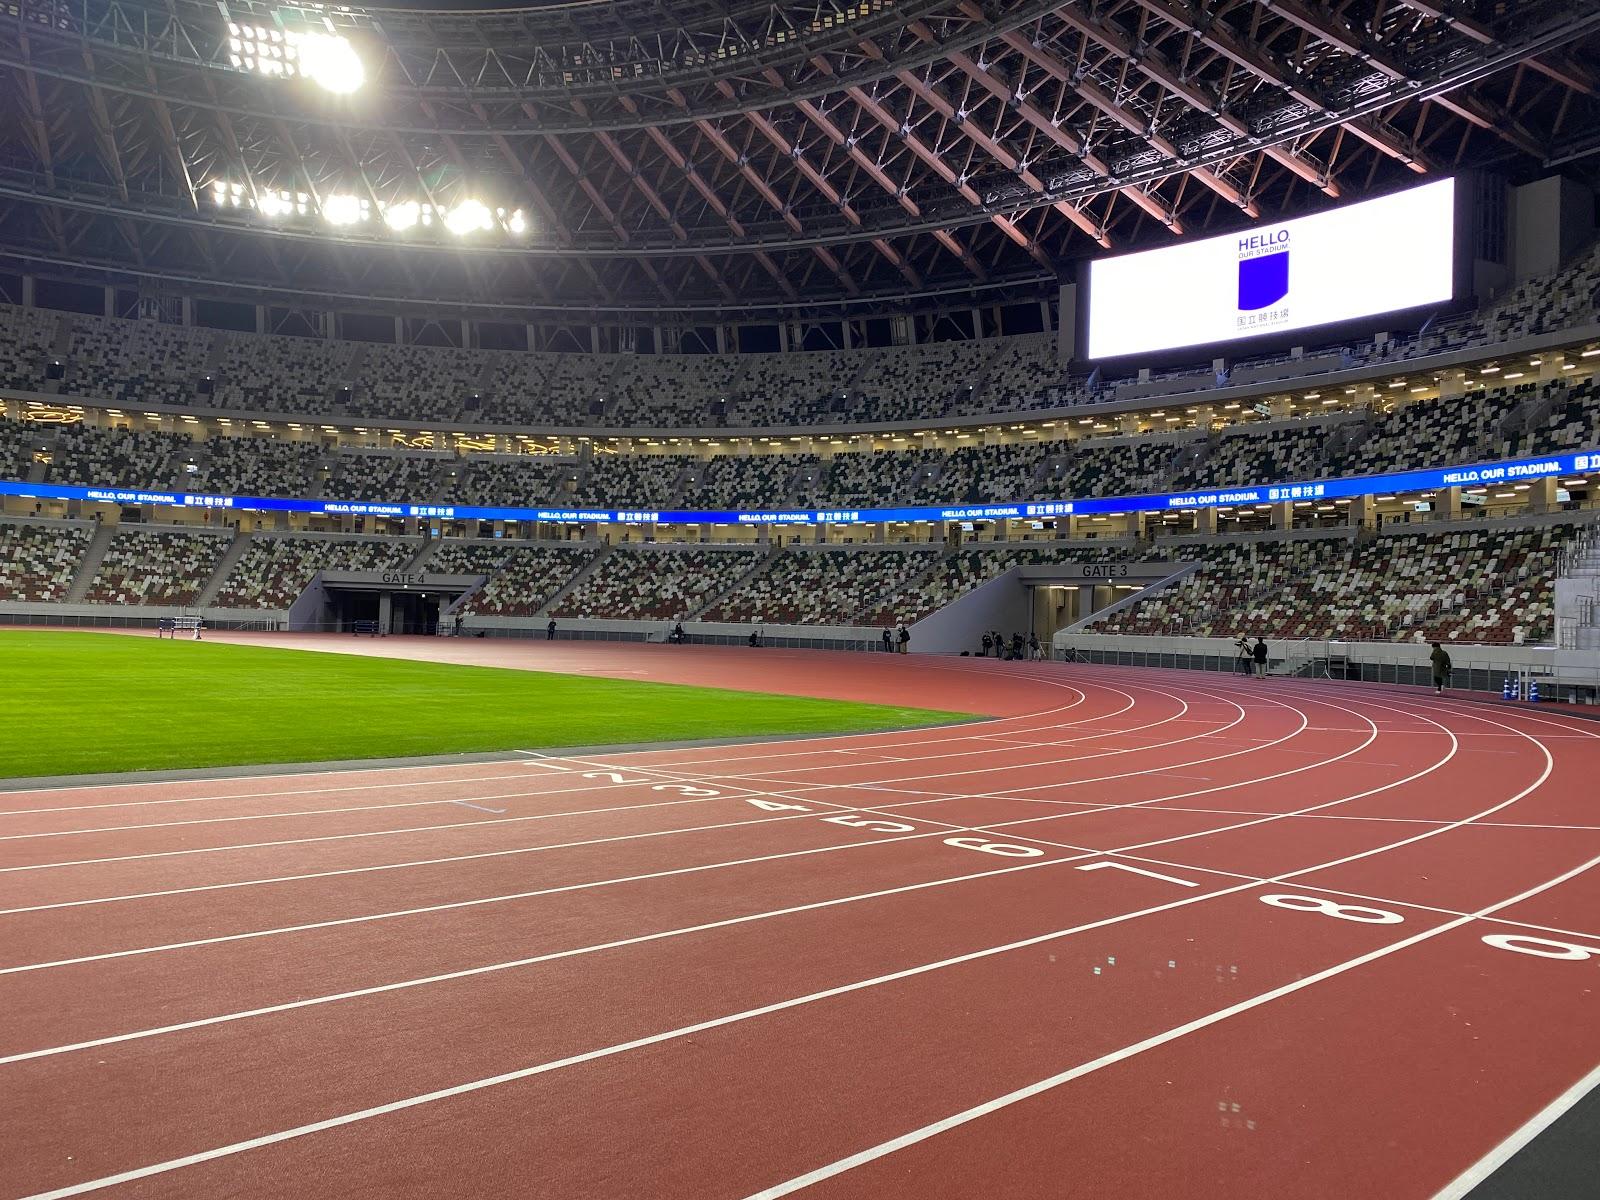 混沌の屋形風呂: 國立競技場のメディア向け公開の日